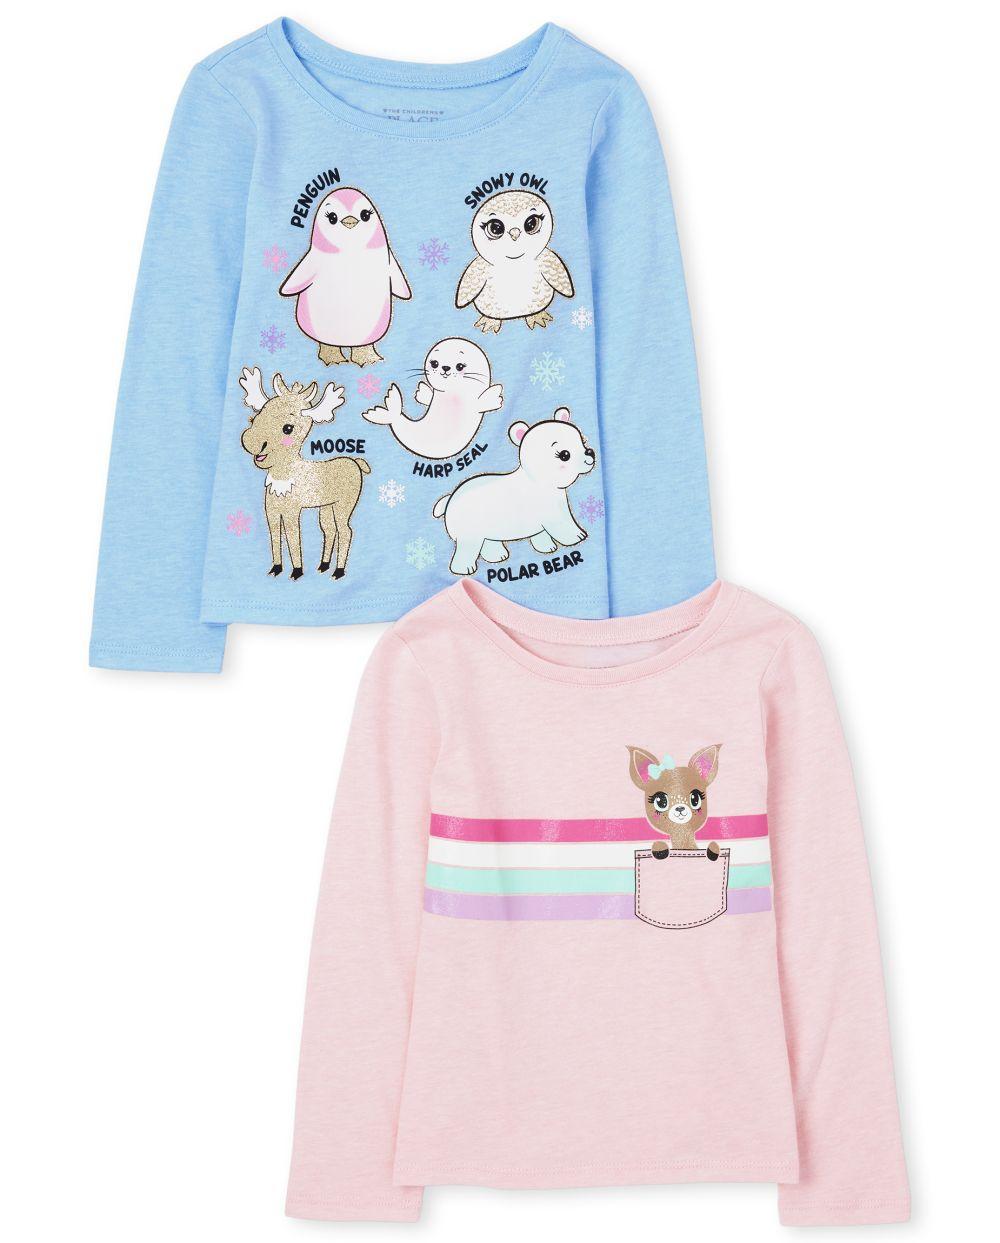 Ensemble de 2 t-shirts à imprimé animaux pour toute-petite fille